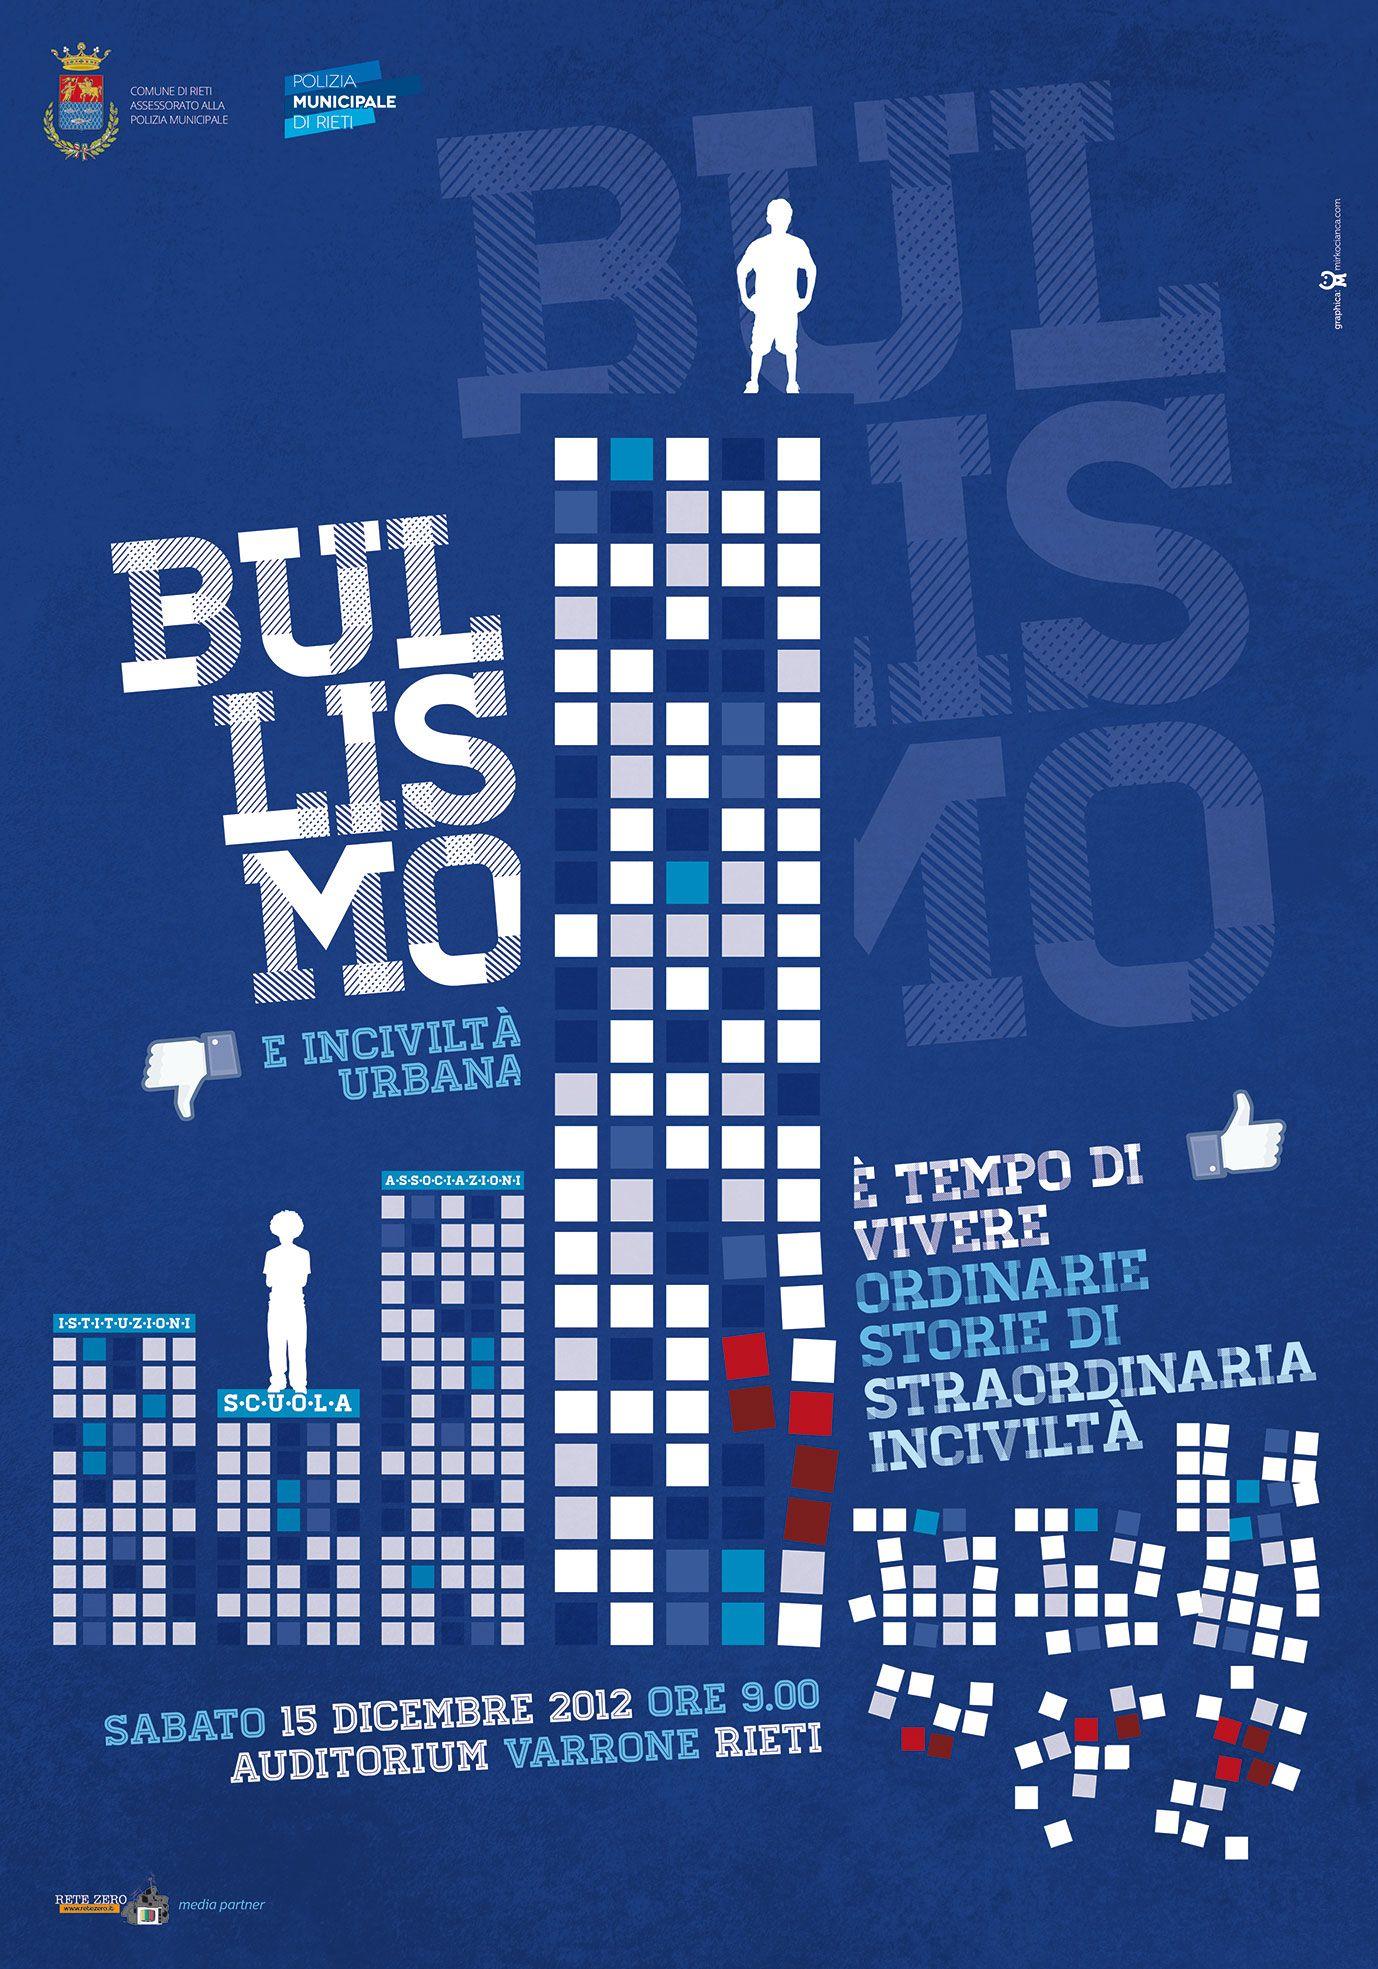 Campagna di sensibilizzazione contro il Bullismo e Inciviltà Urbana  Rieti   Mirko Cianca   Grafica